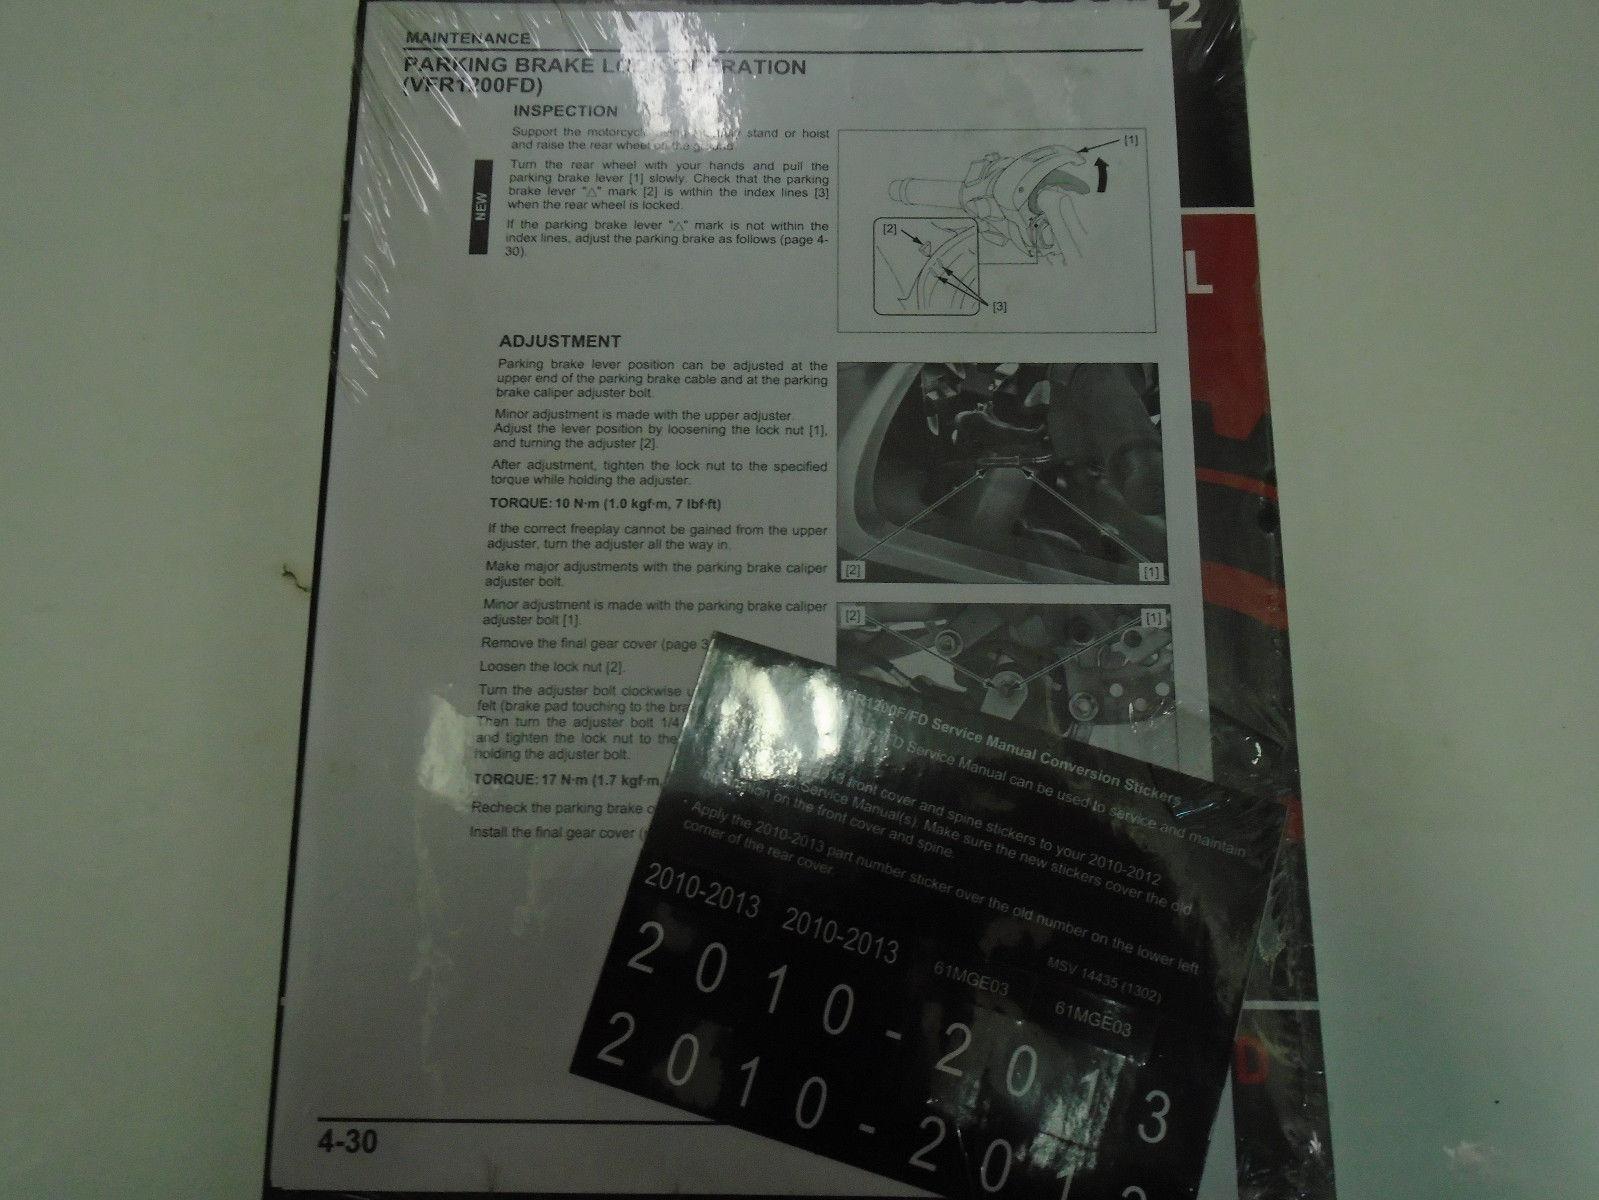 Manuals & Literature 2012 HONDA VFR1200F/FD VFR 1200 F Service ...